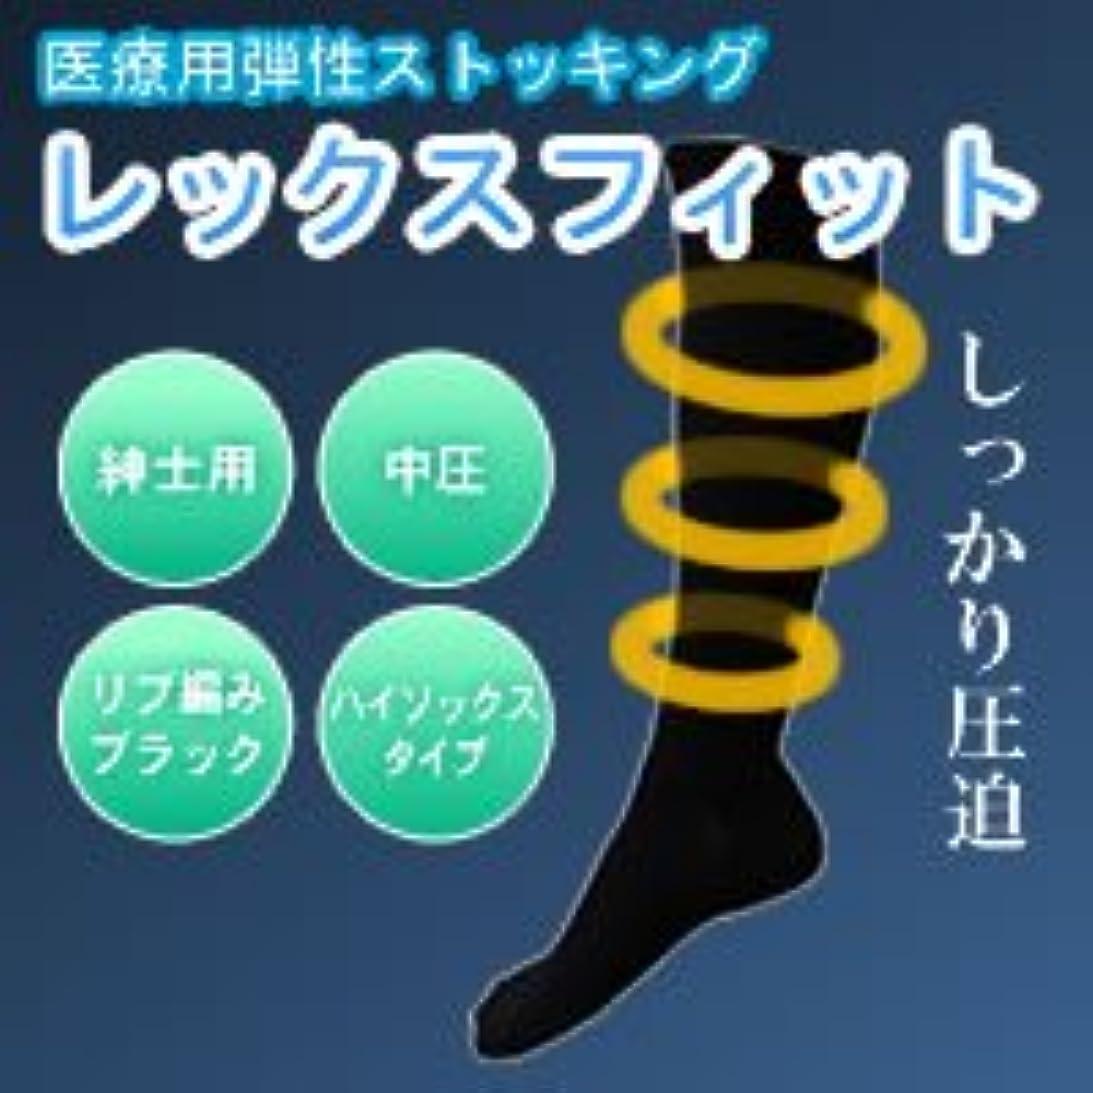 粘性のモーテルガイドライン医療用弾性ストッキング レックスフィット 男性向きハイソックス 中圧 ブラックLサイズ1813